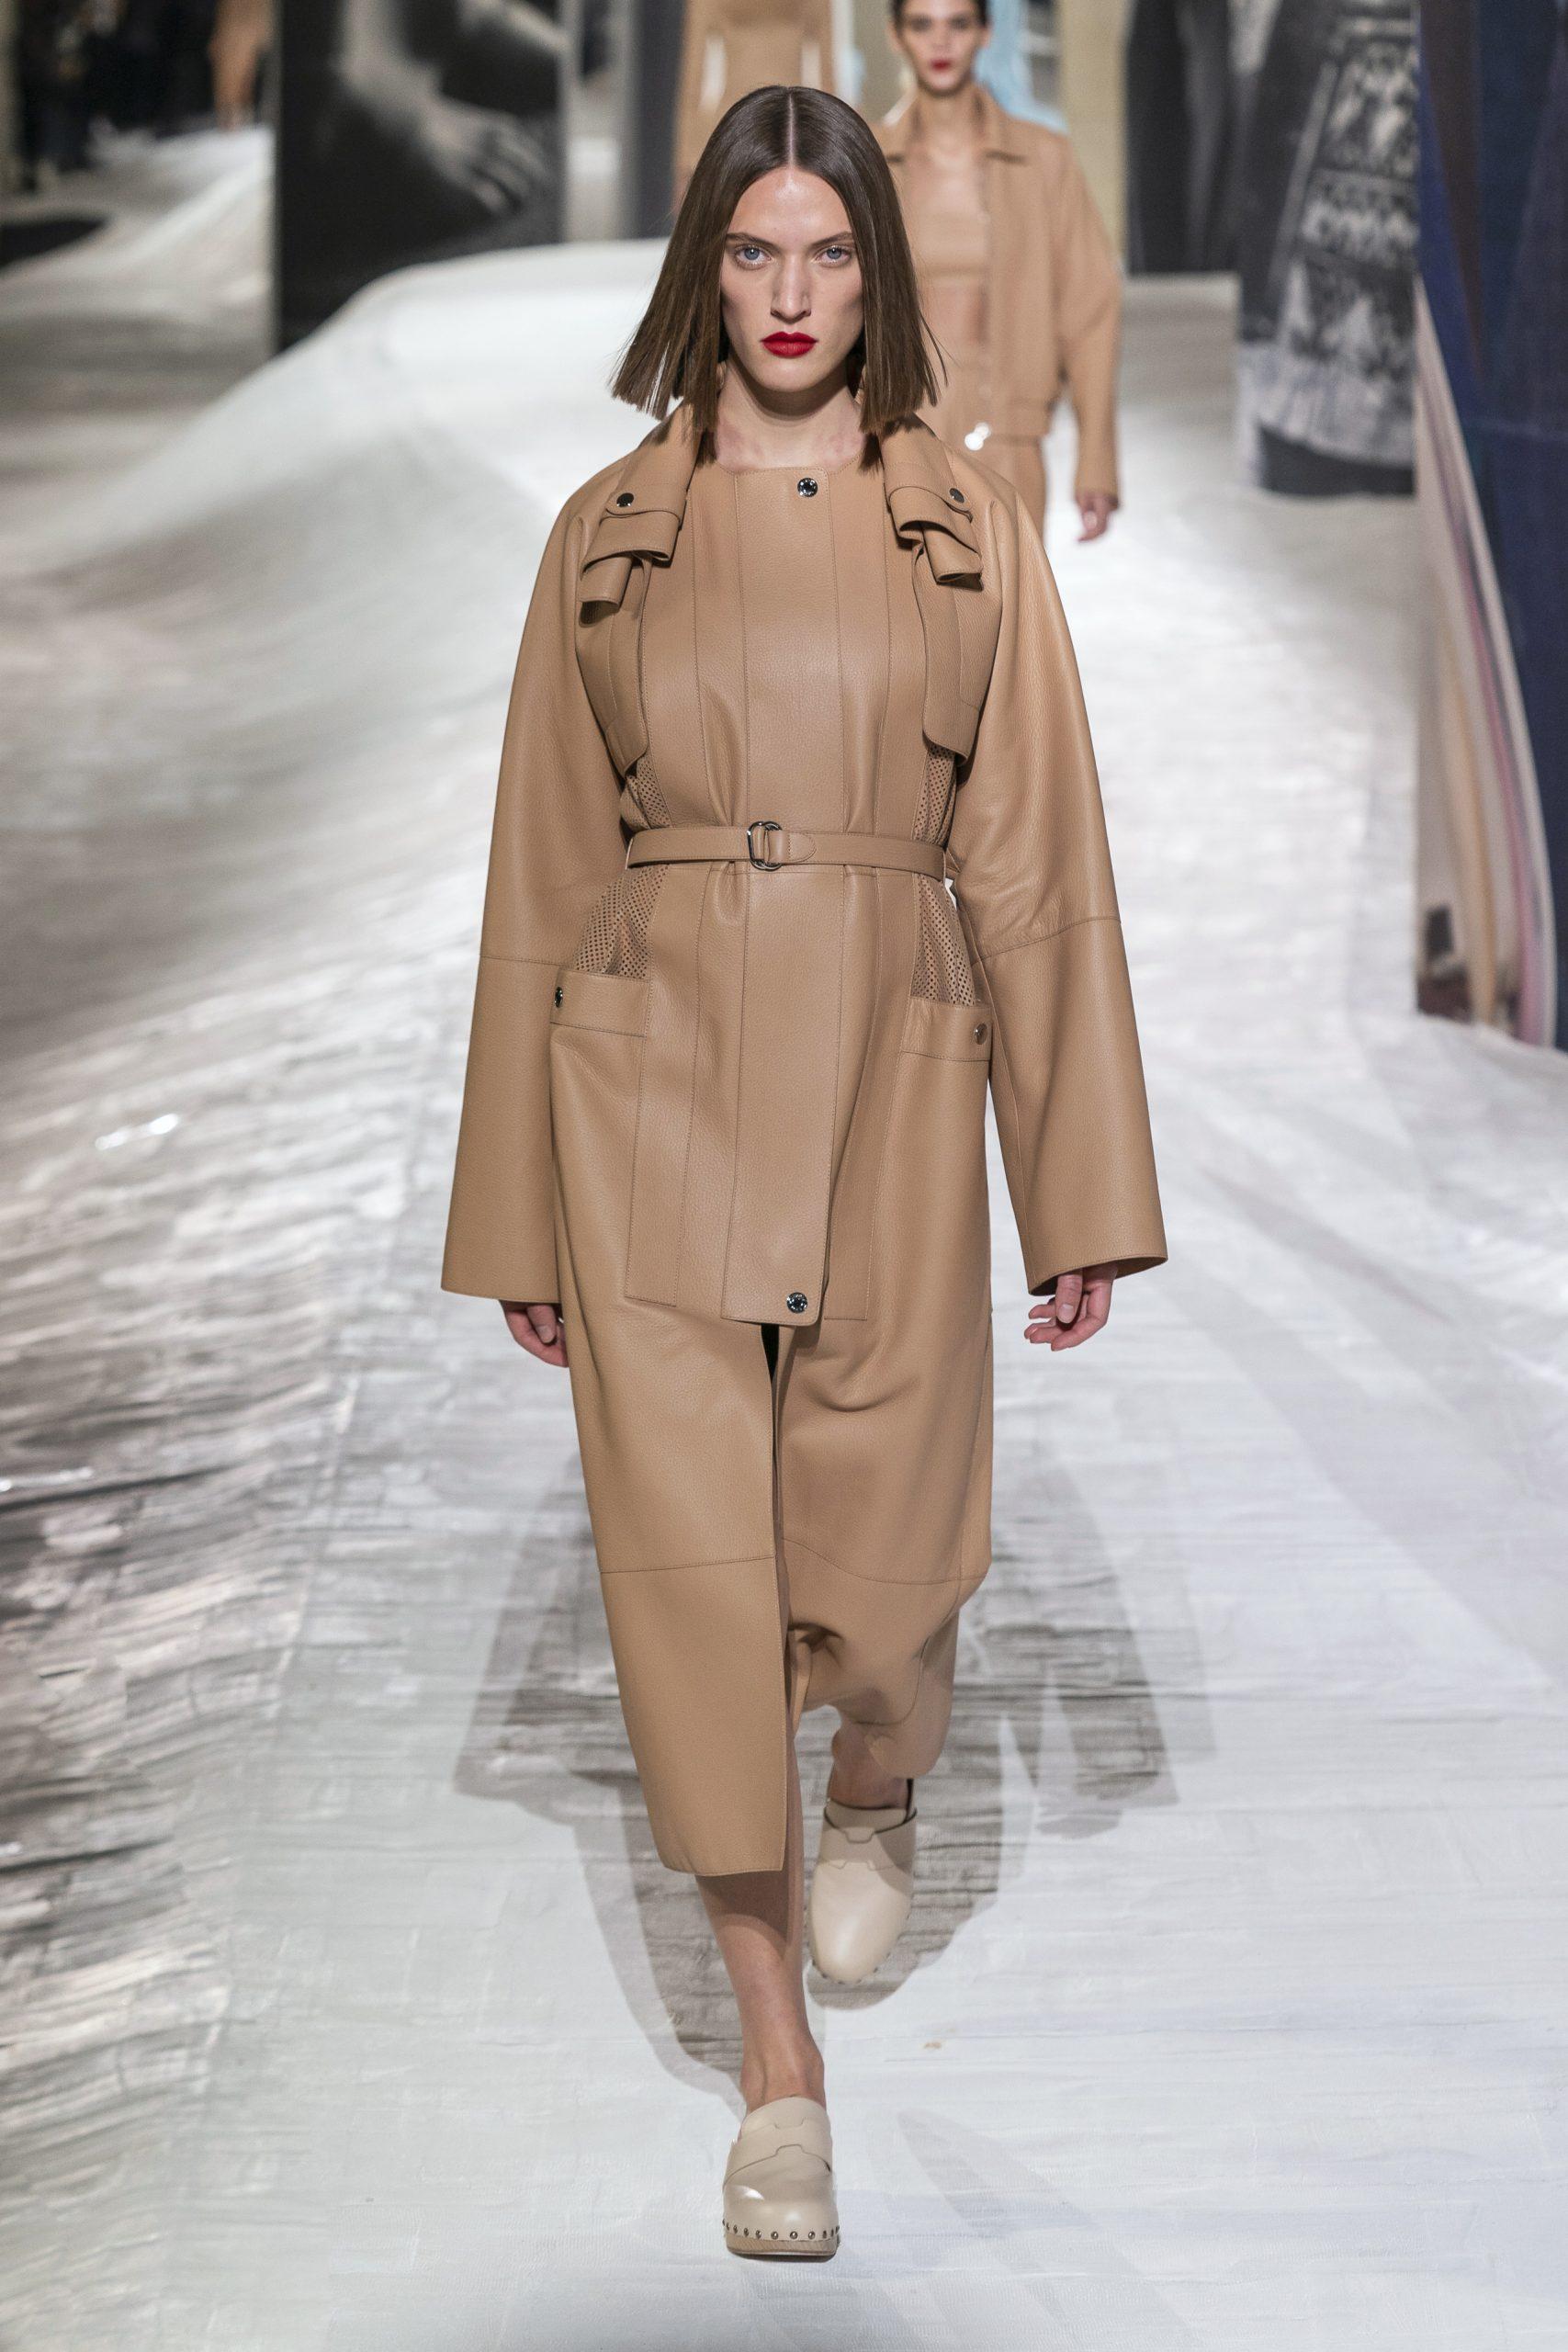 5. kép: Párizsi divathét - Hermès - 2021 tavasz-nyár - ready to wear